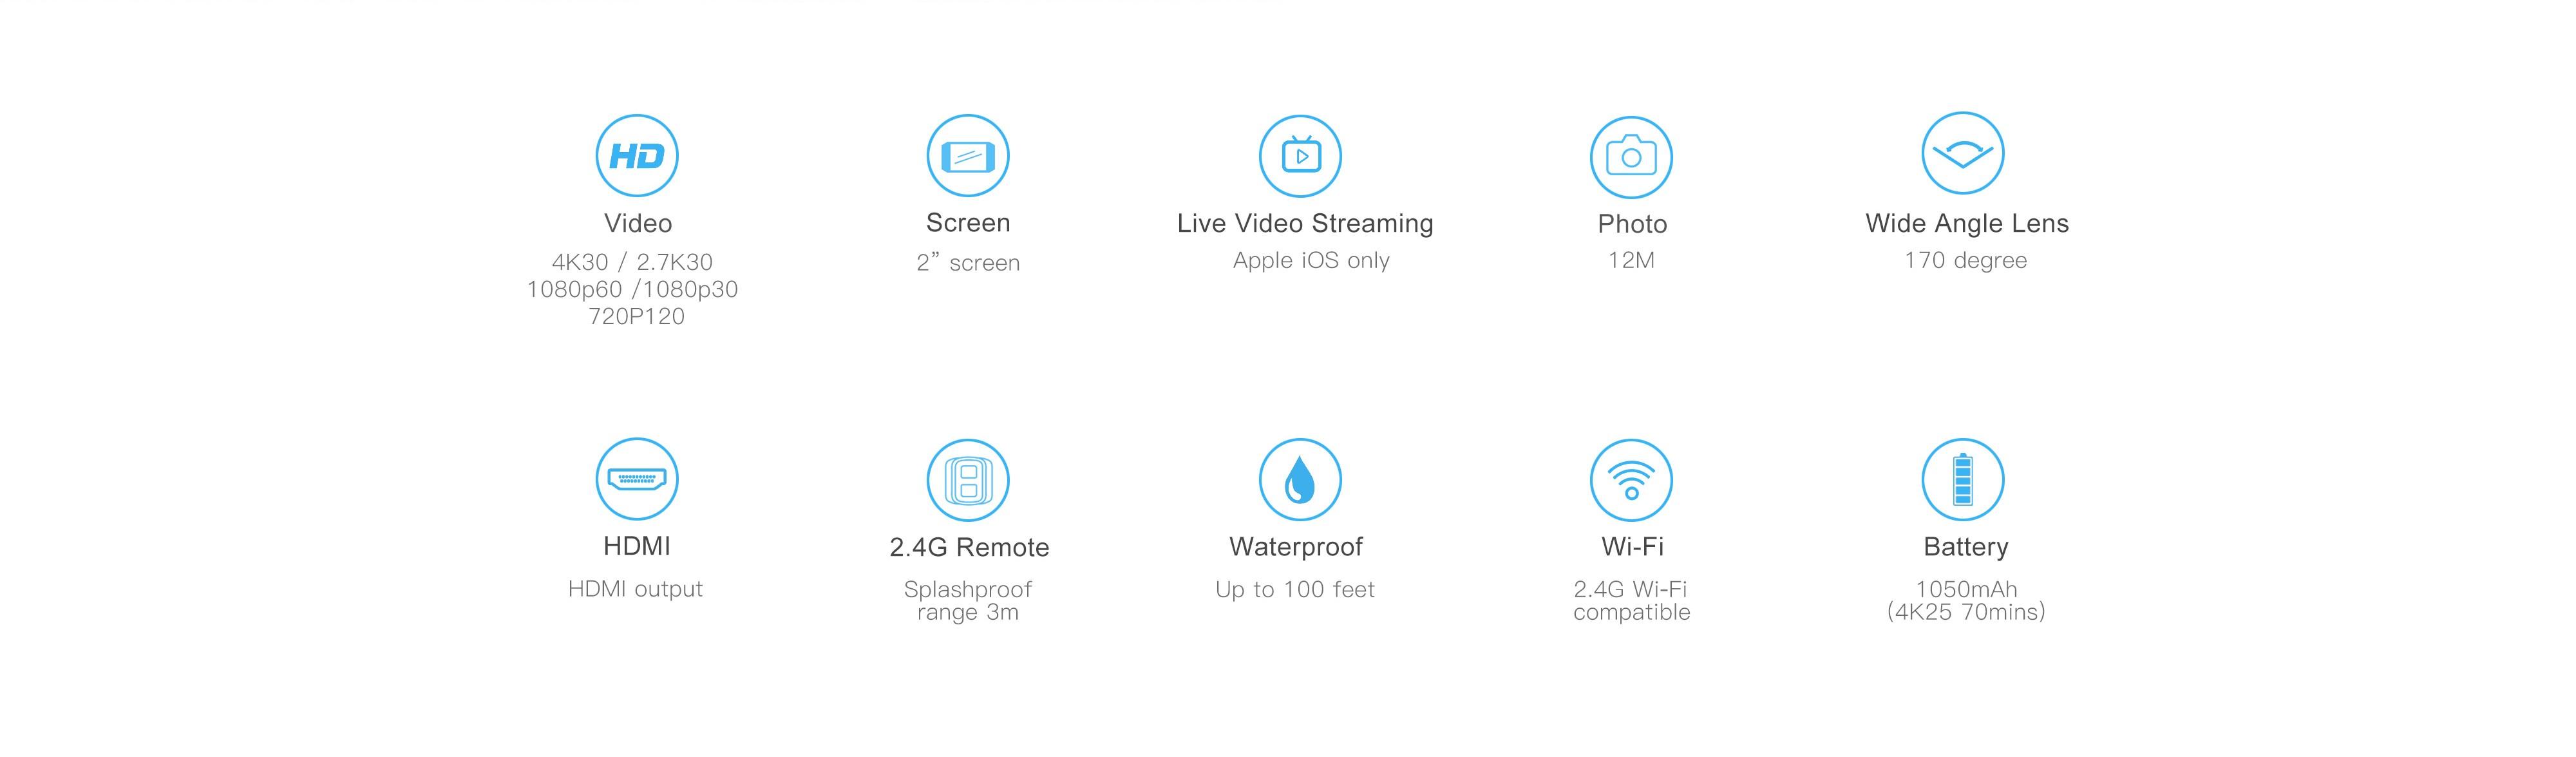 EKEN H9 Action Camera wifi Ultra HD Mini Cam 4K/30FPS 1080p/60fps  720P/120FPS underwater Waterproof Video Sports Camera (WHITE)